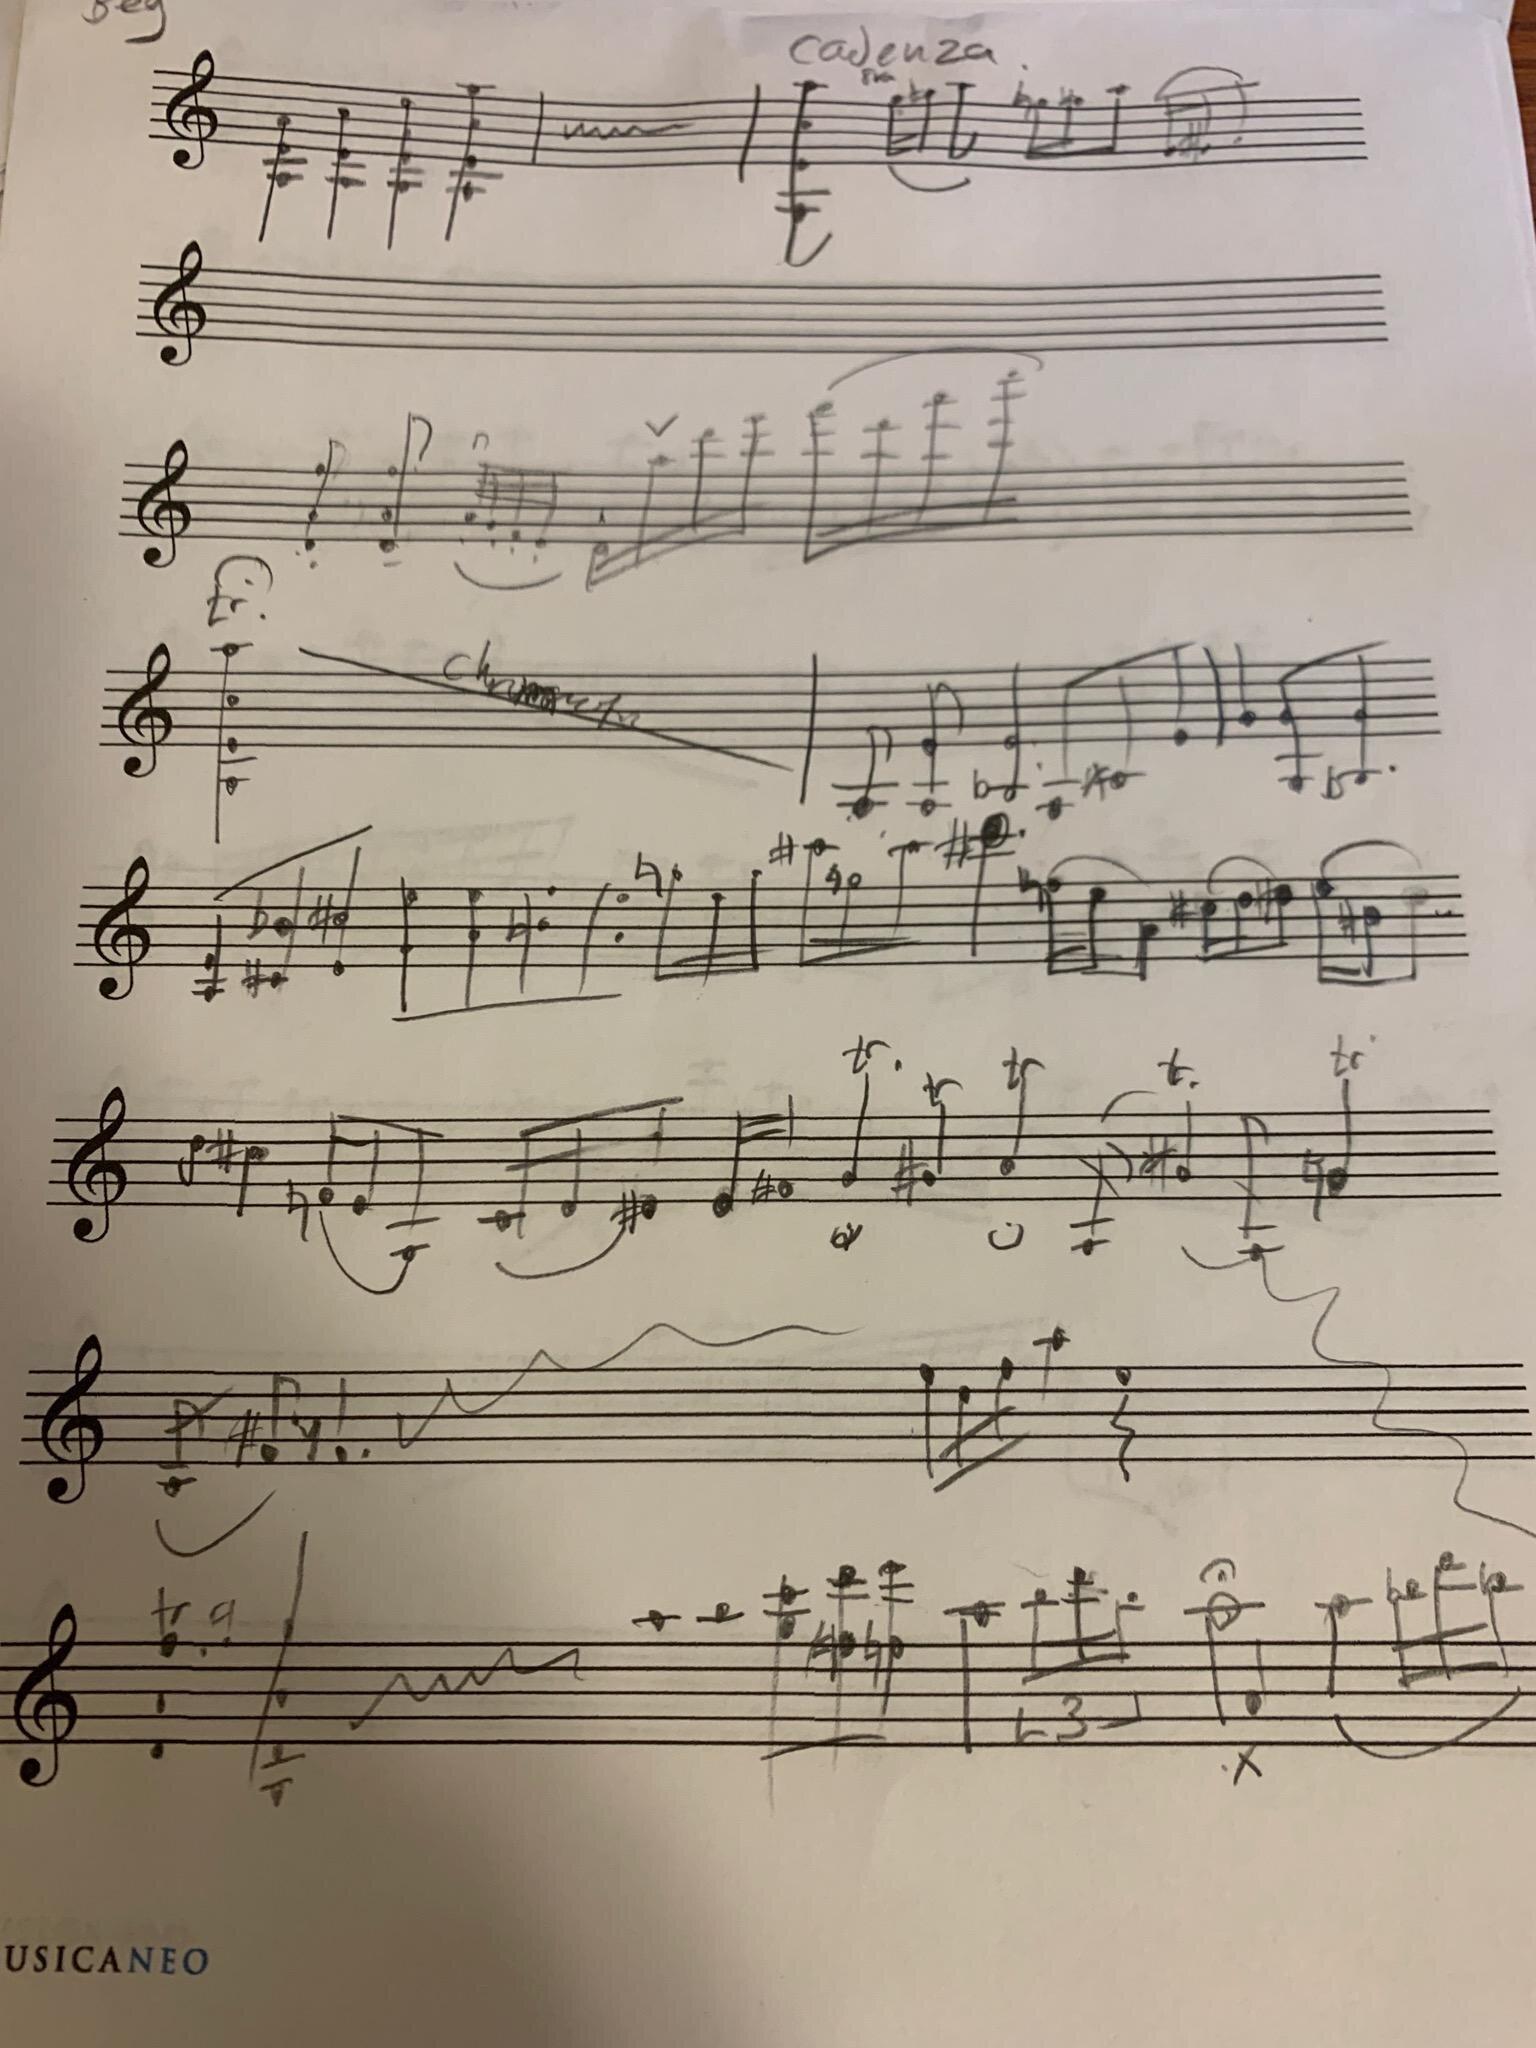 The cadenza manuscript